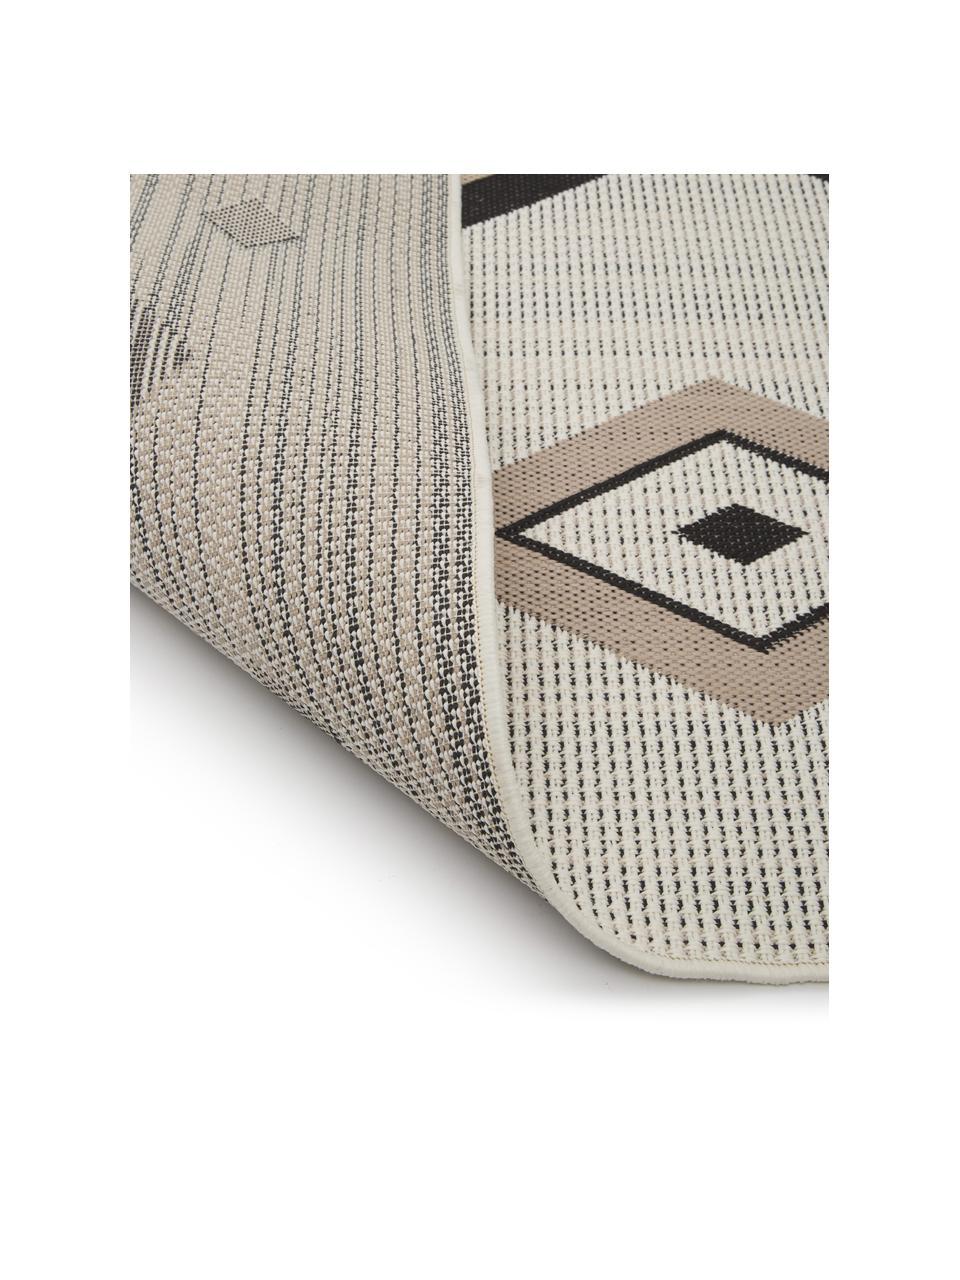 Ethno In- & outdoor vloerkleed Nikita, 86% polypropyleen, 14% polyester, Beige, zwart, B 80 x L 150 cm (maat XS)